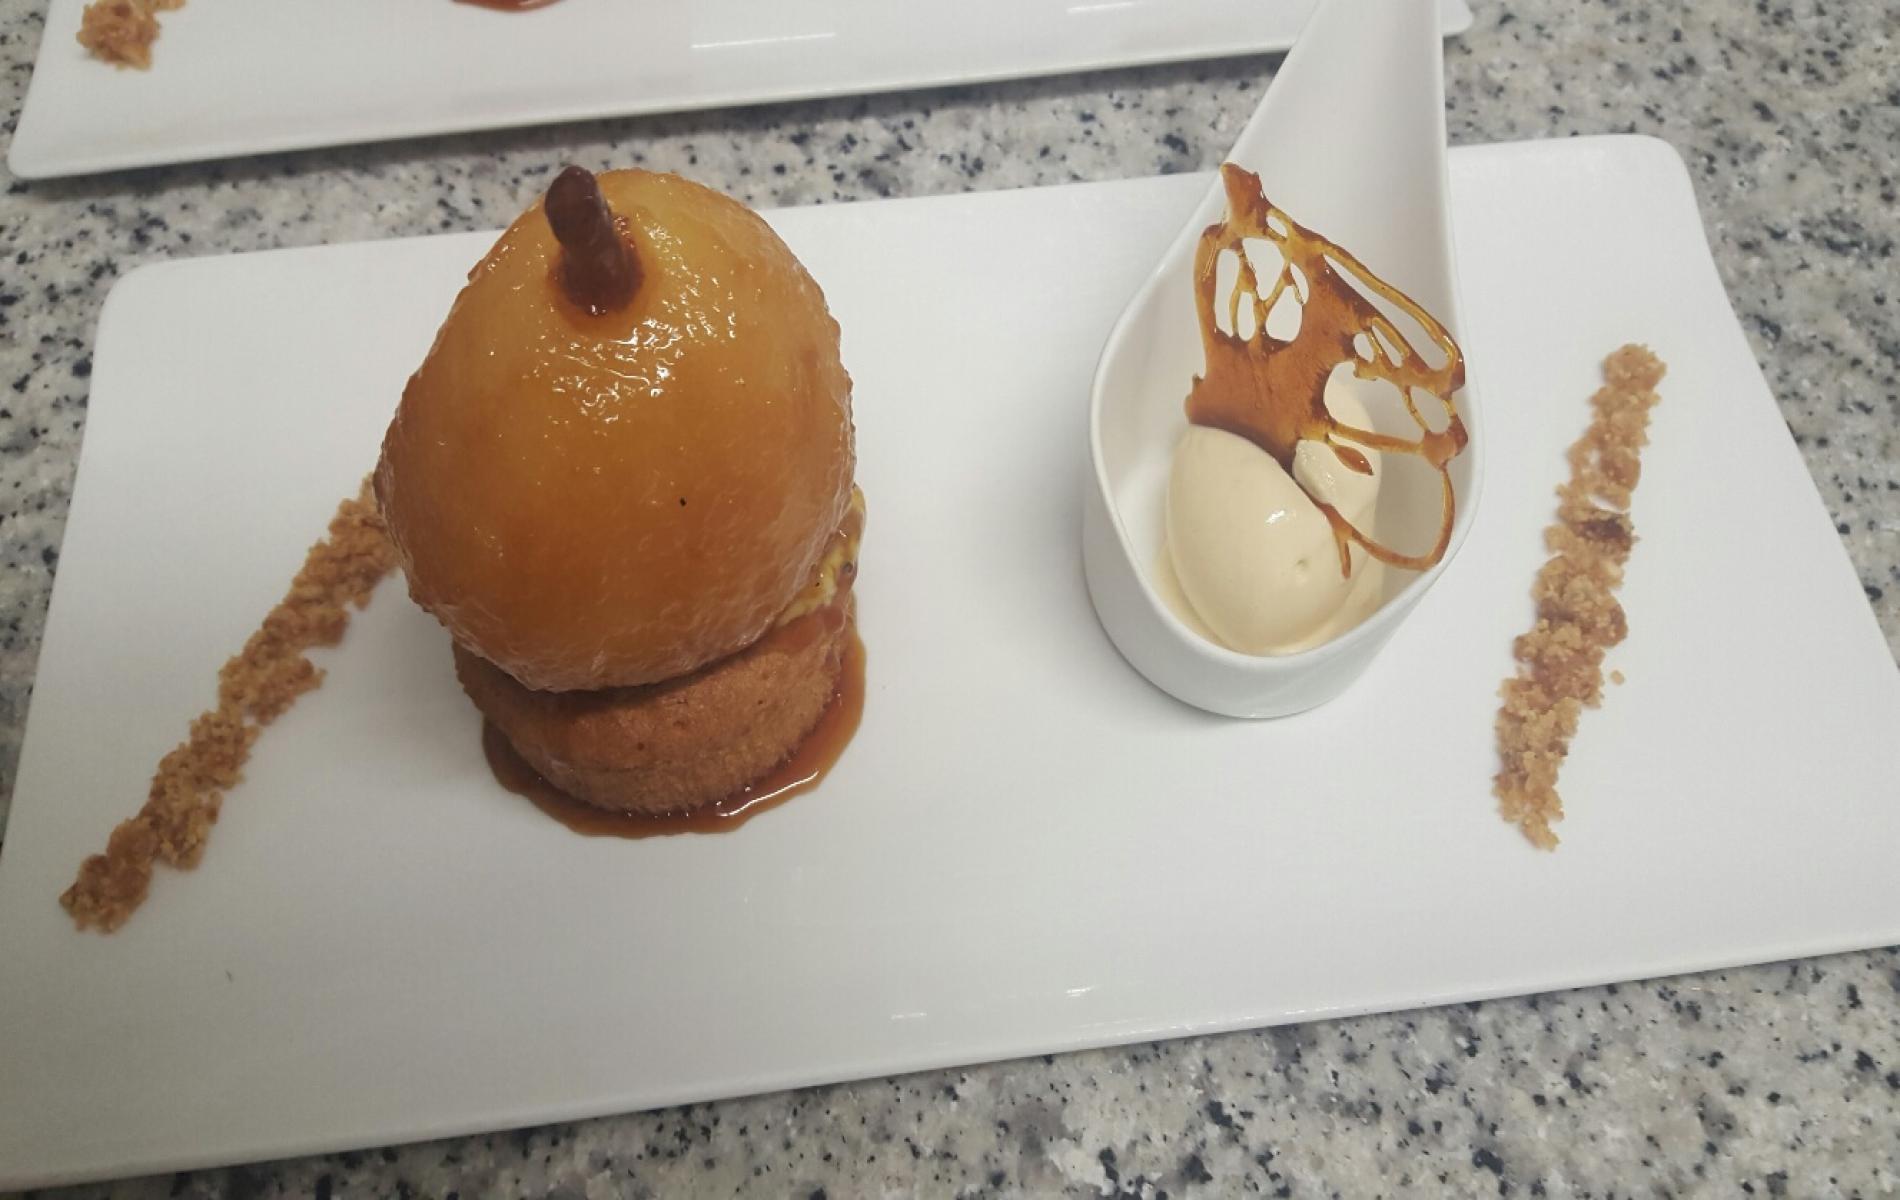 gâteau Nantais poire Angelys rôtie glace caramel beurre salé